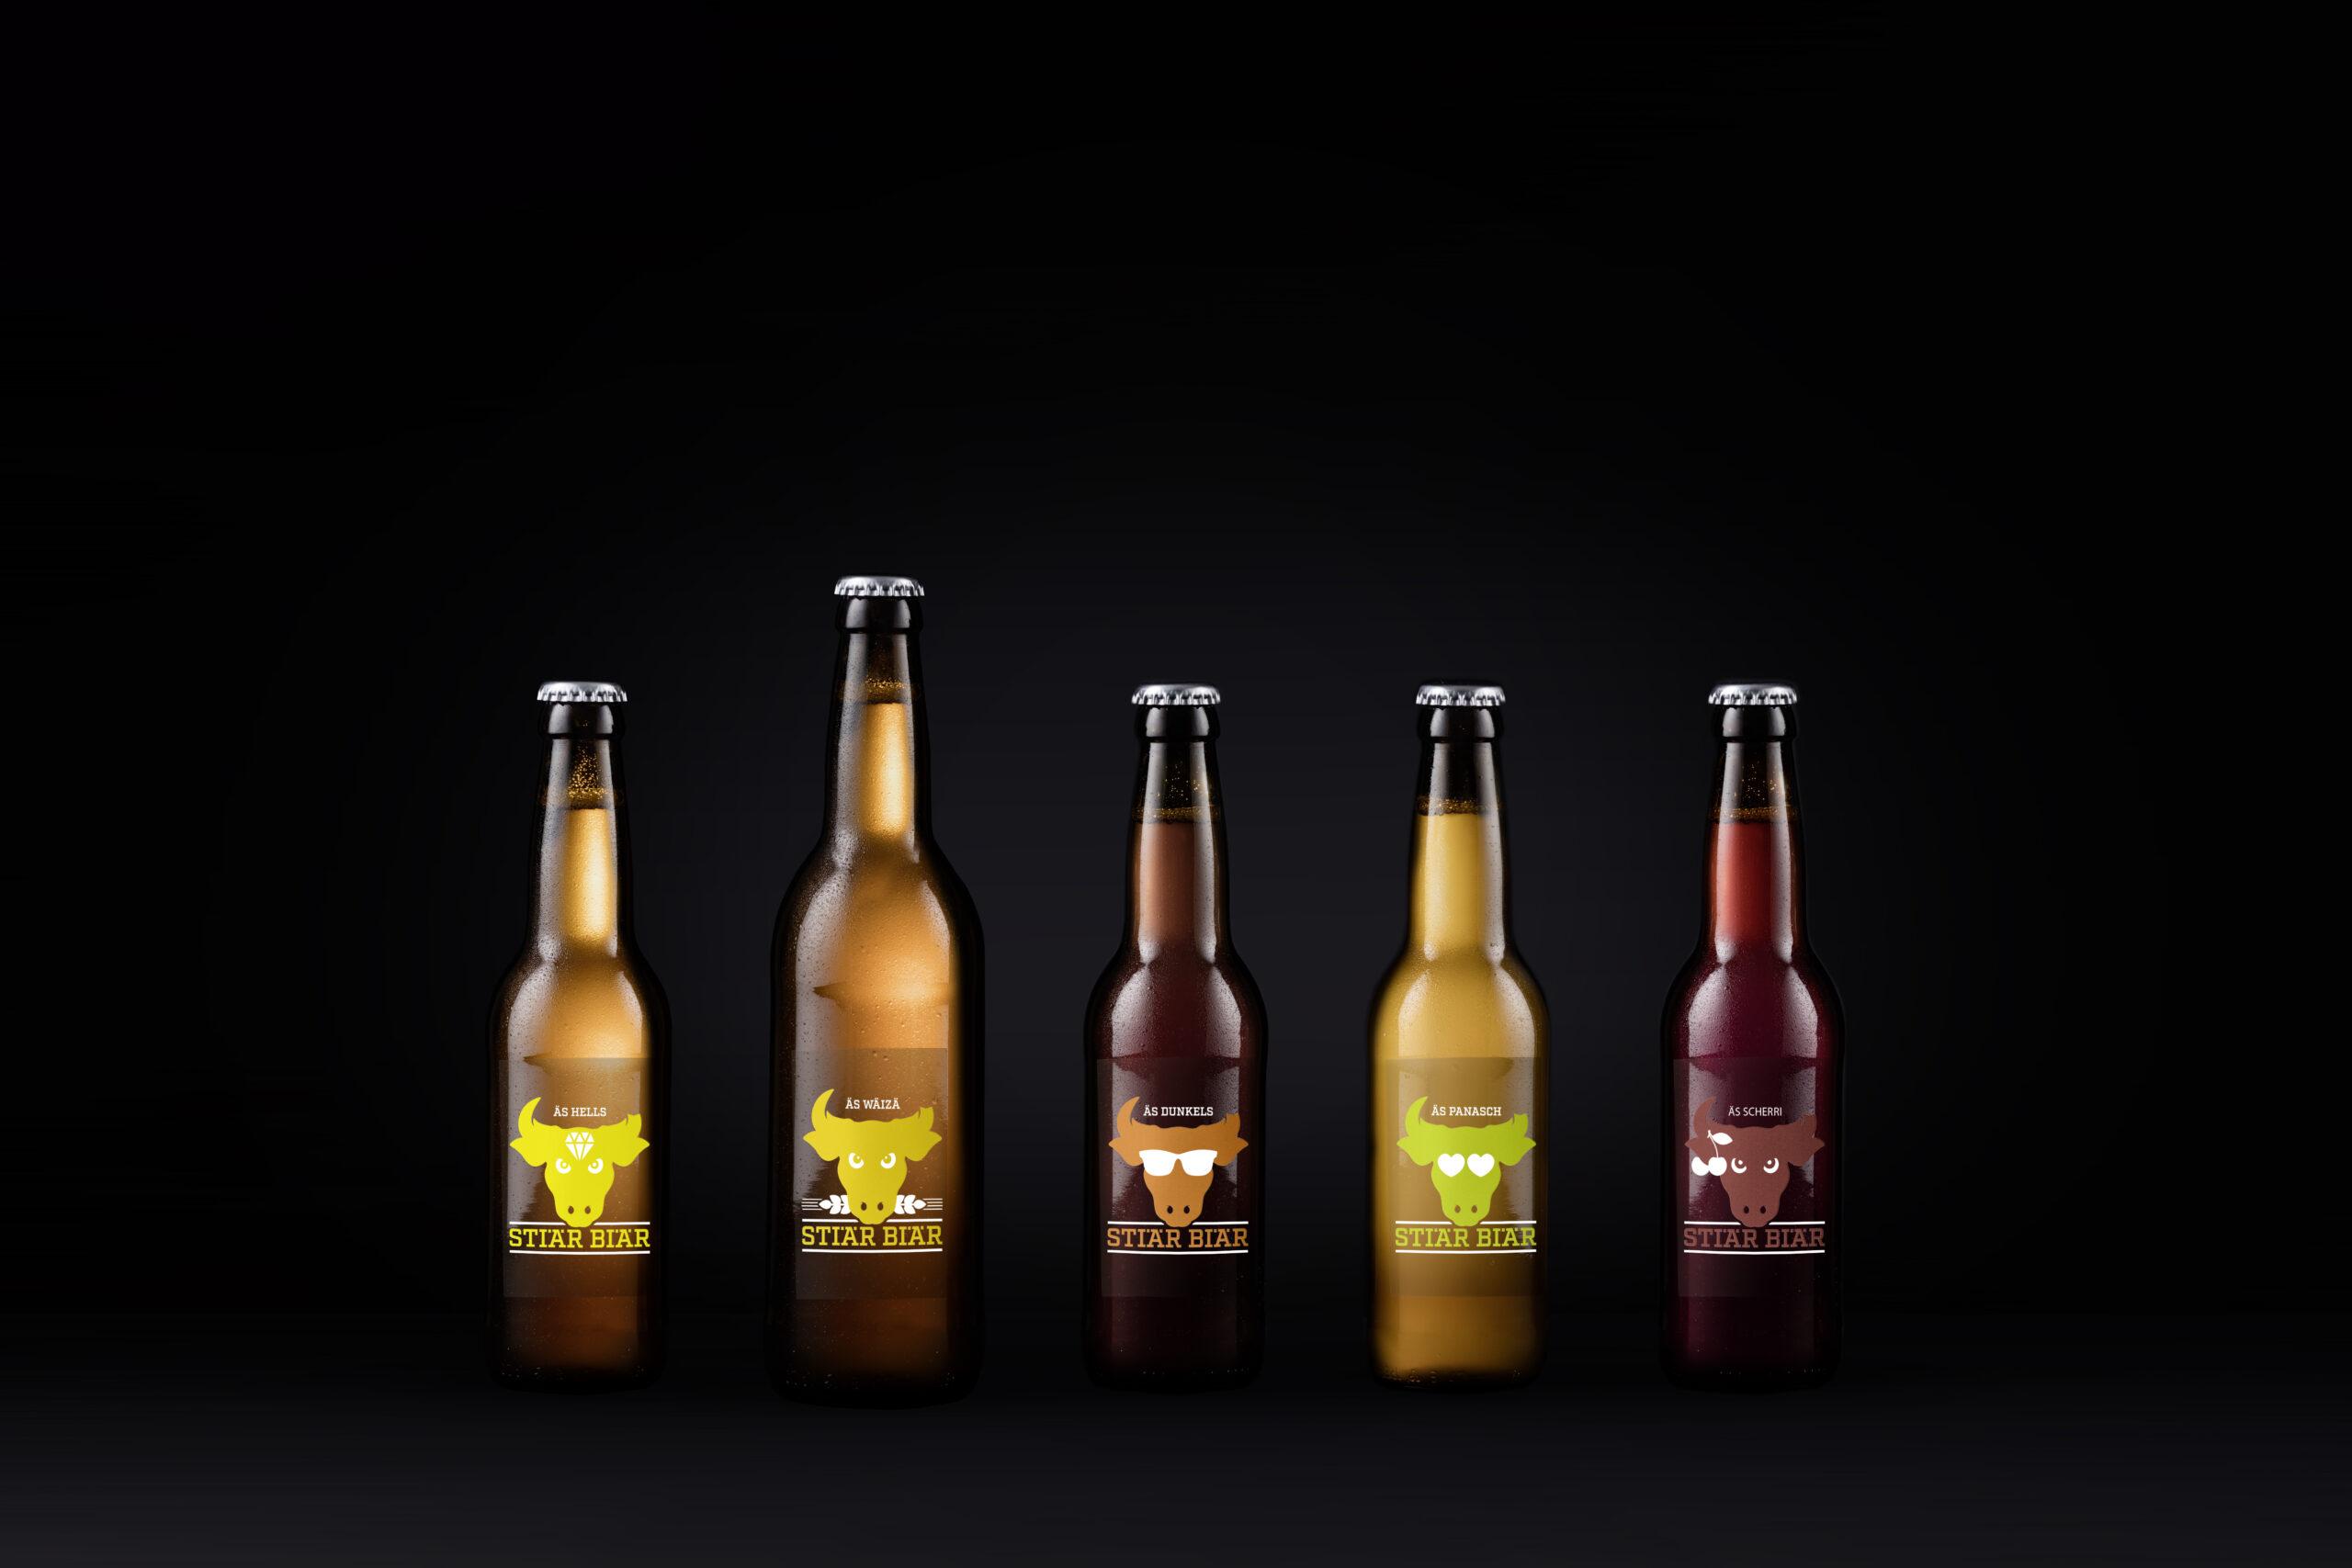 5 Flaschen von Stiär Biär im Fotostudio Meier & Kamer Werbefotografie: Werbekampagne, Produktfotografie, Studiofotografie, Postproduction, Nachbearbeitung, Schwyz, Uri